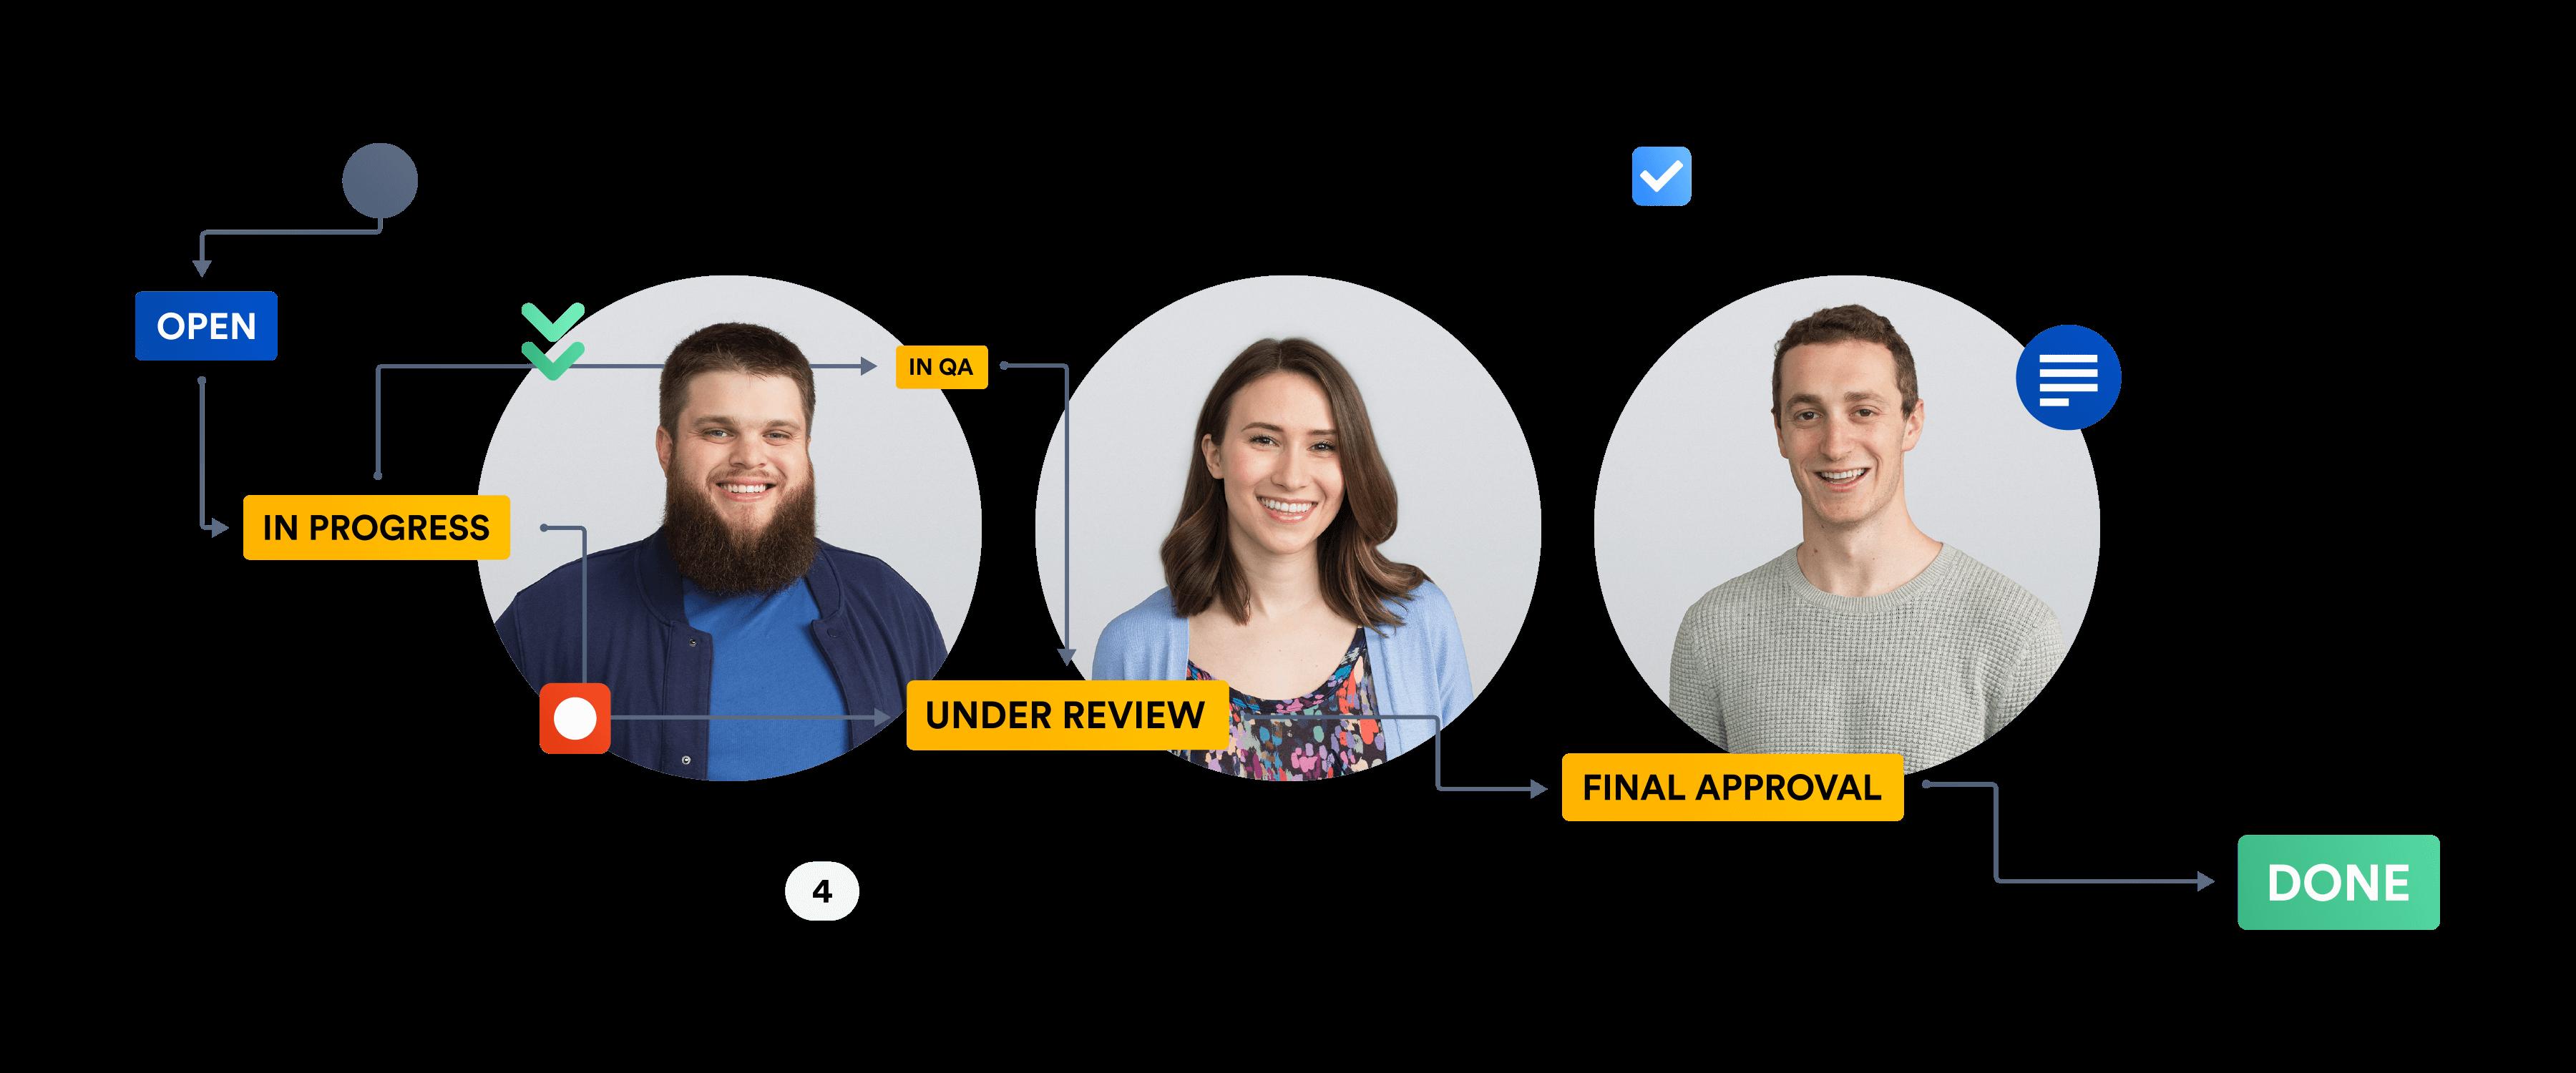 Dropbox team in Jira process